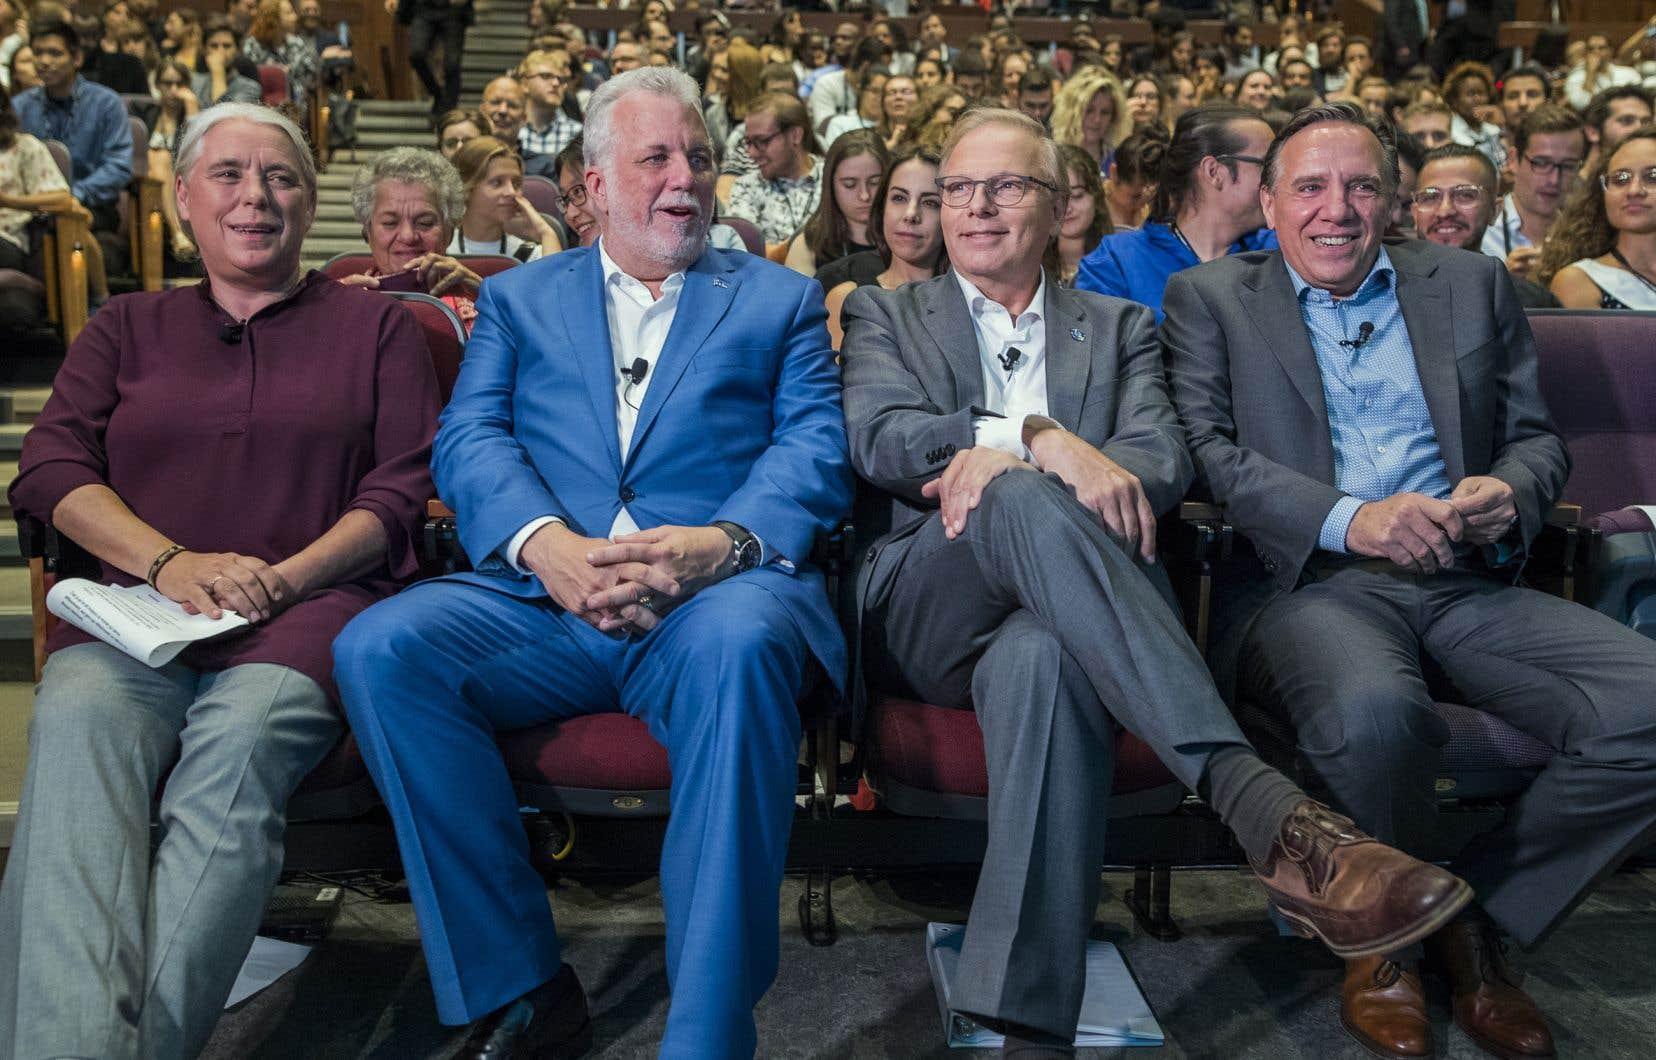 De gauche à droite, Manon Massé, porte-parole de Québec solidaire,Philippe Couillard, chef du Parti libéral du Québec,Jean-François Lisée, chef du Parti québécois etFrançois Legault, chef de la Coalition avenir Québec.